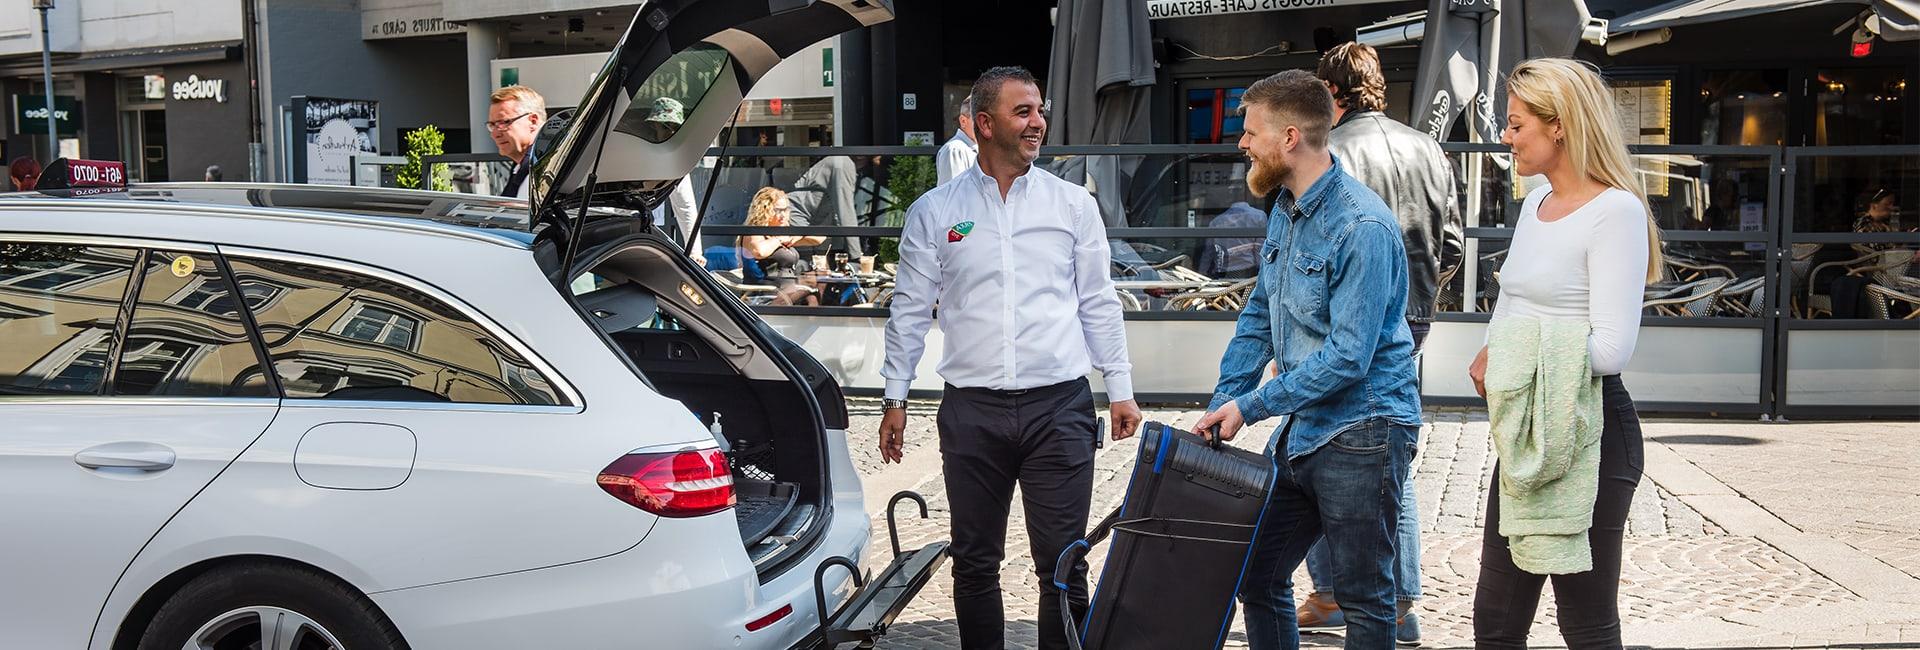 par får stor bagage med i taxaen